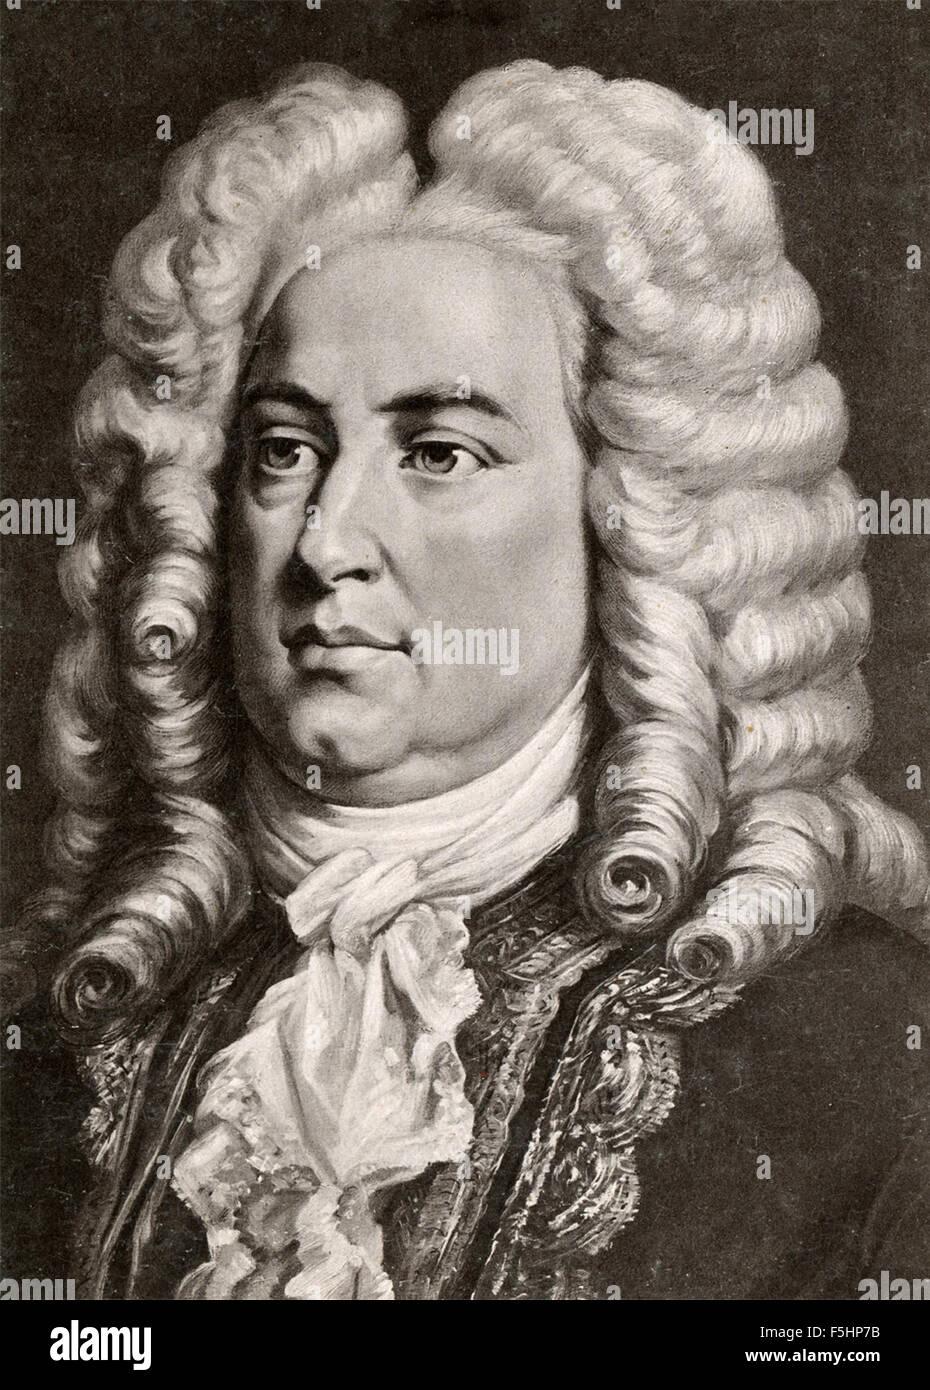 Portrait of German composer Georg Friedrich Händel - Stock Image